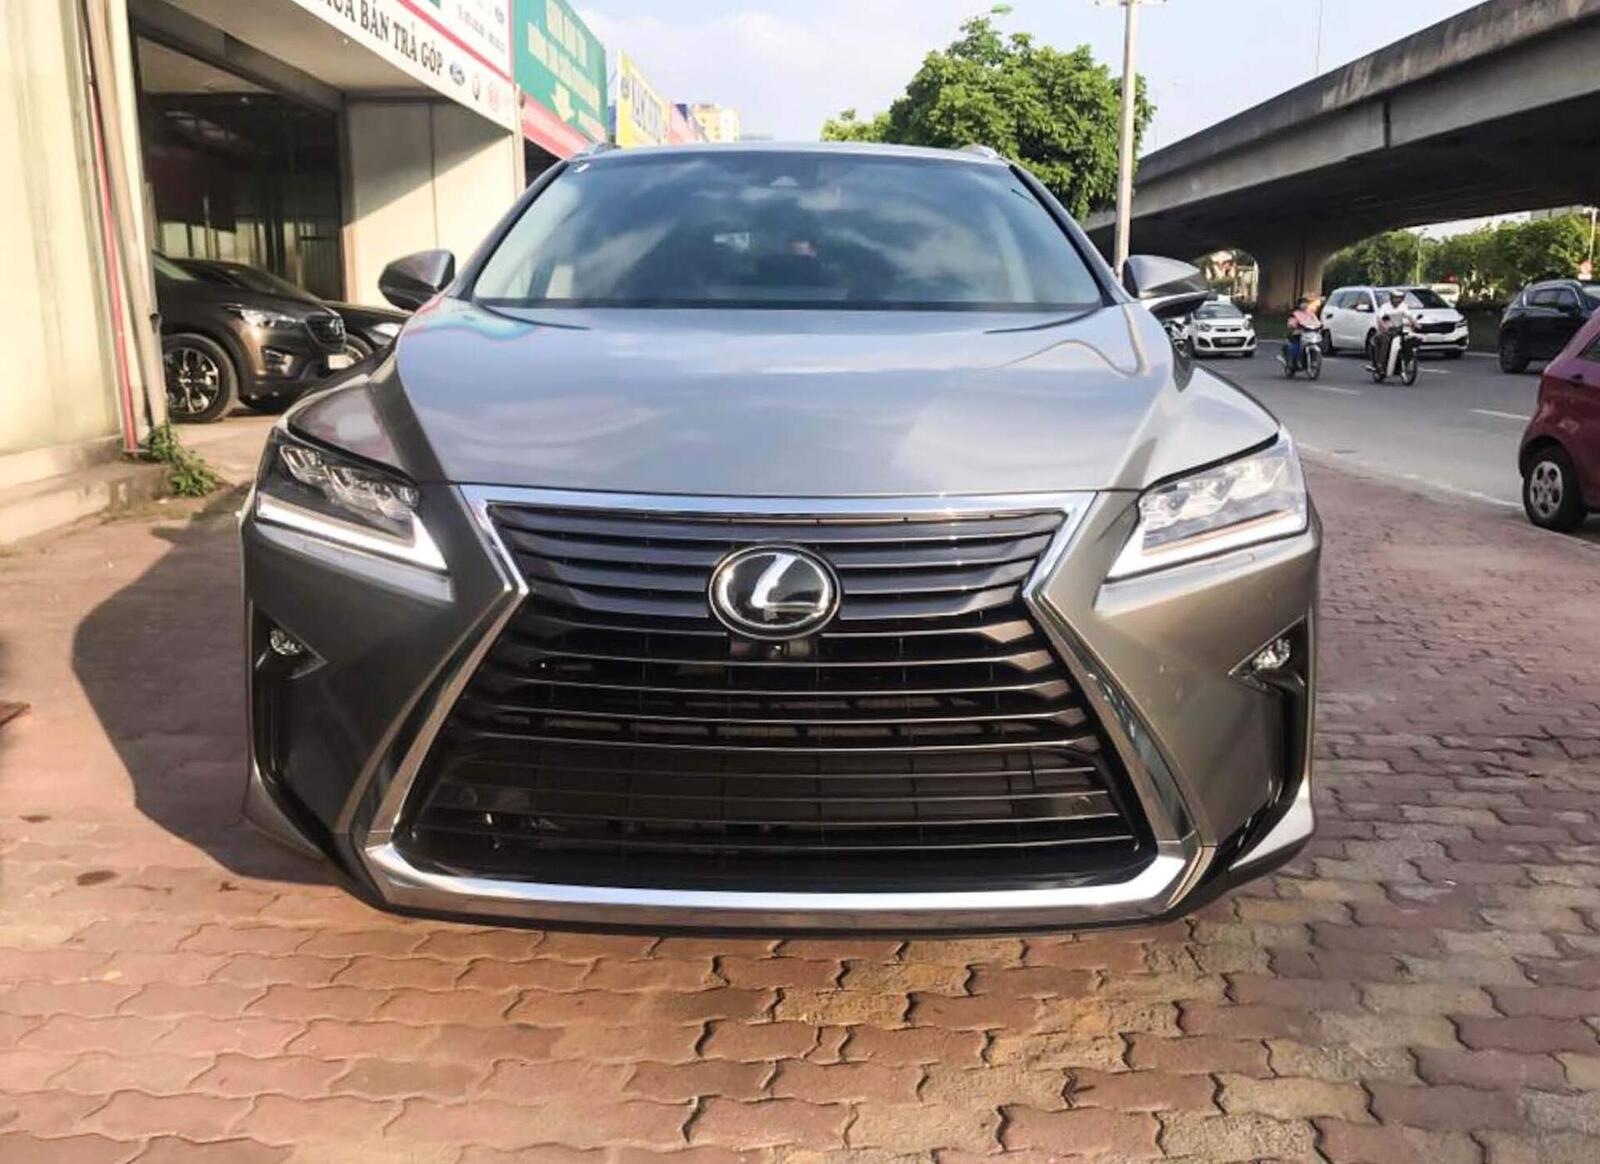 Lexus RX 350L 2018 phiên bản 7 chỗ đã về Việt Nam; giá không dưới 4,9 tỷ đồng - Hình 2